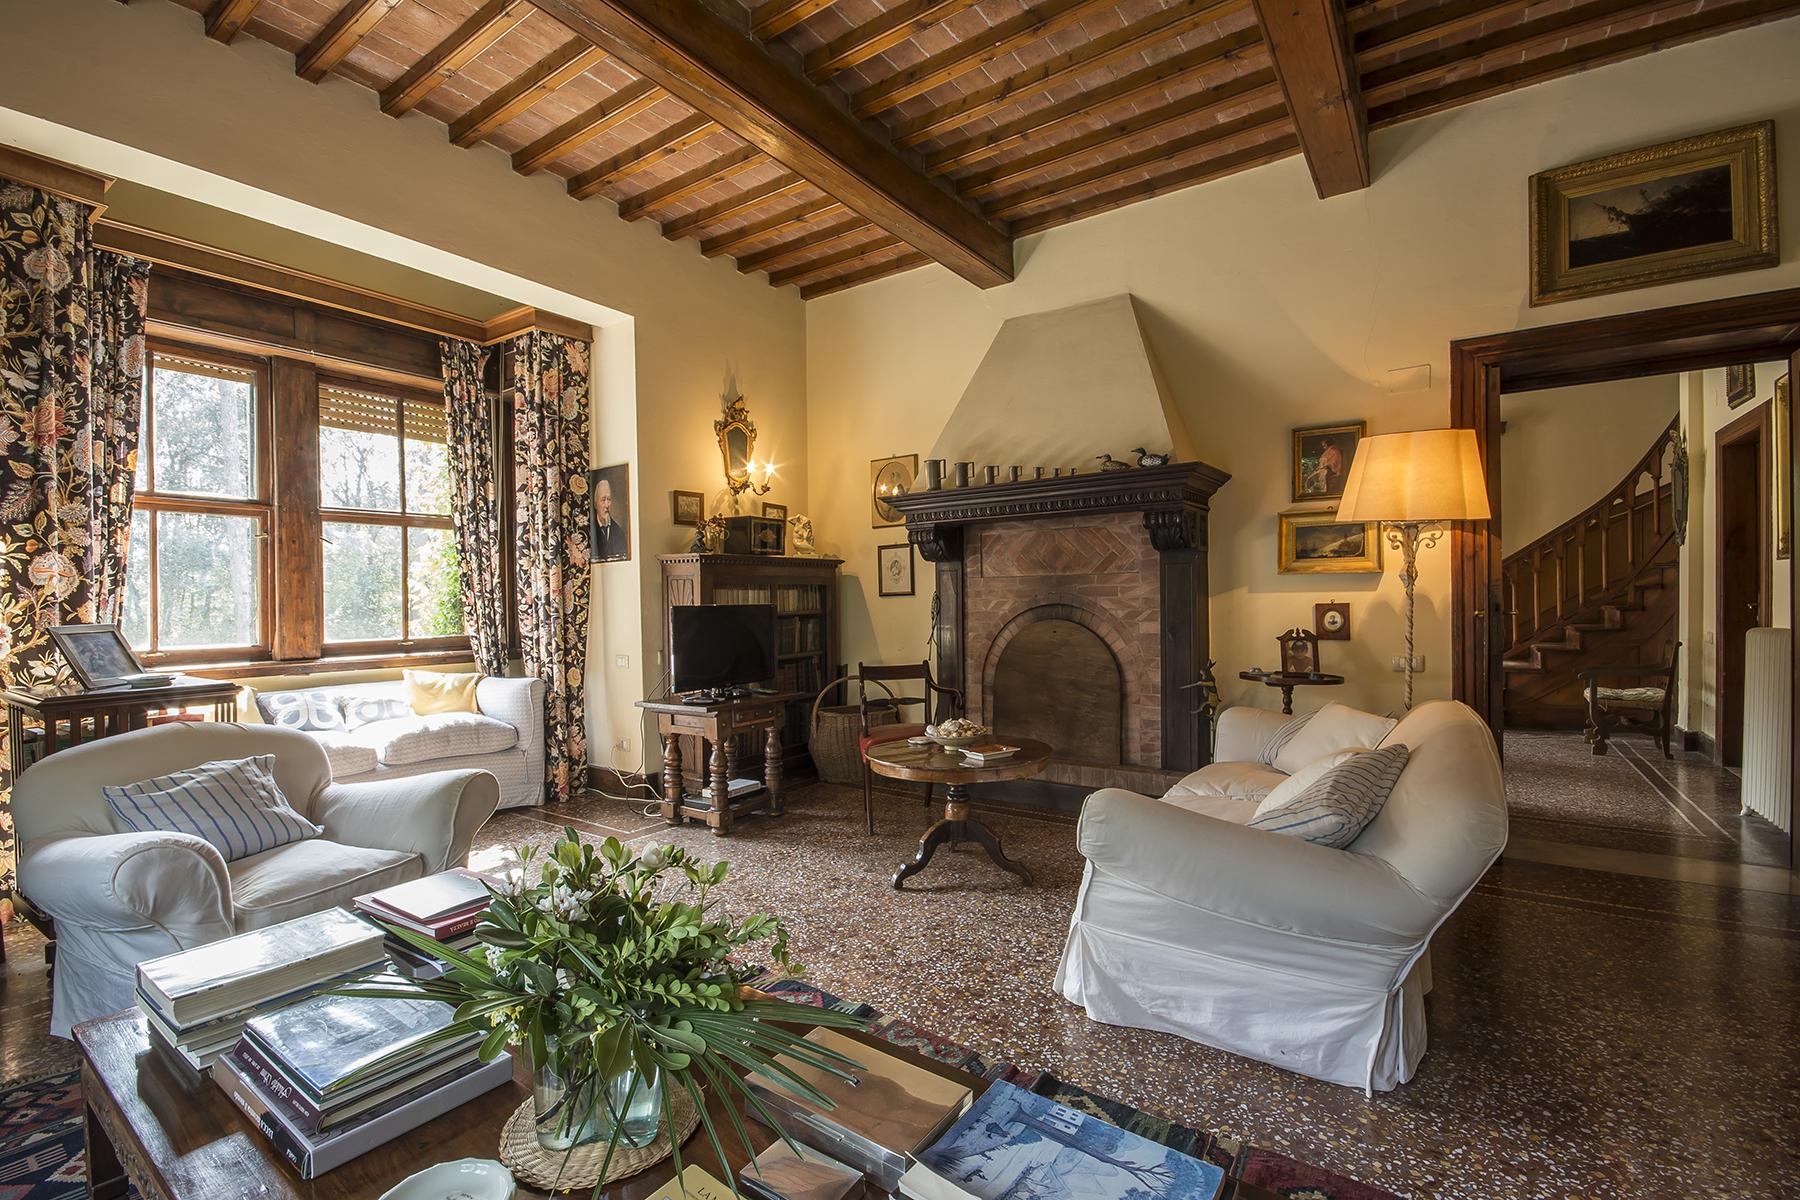 Villa in Vendita a Montaione: 5 locali, 15655 mq - Foto 4